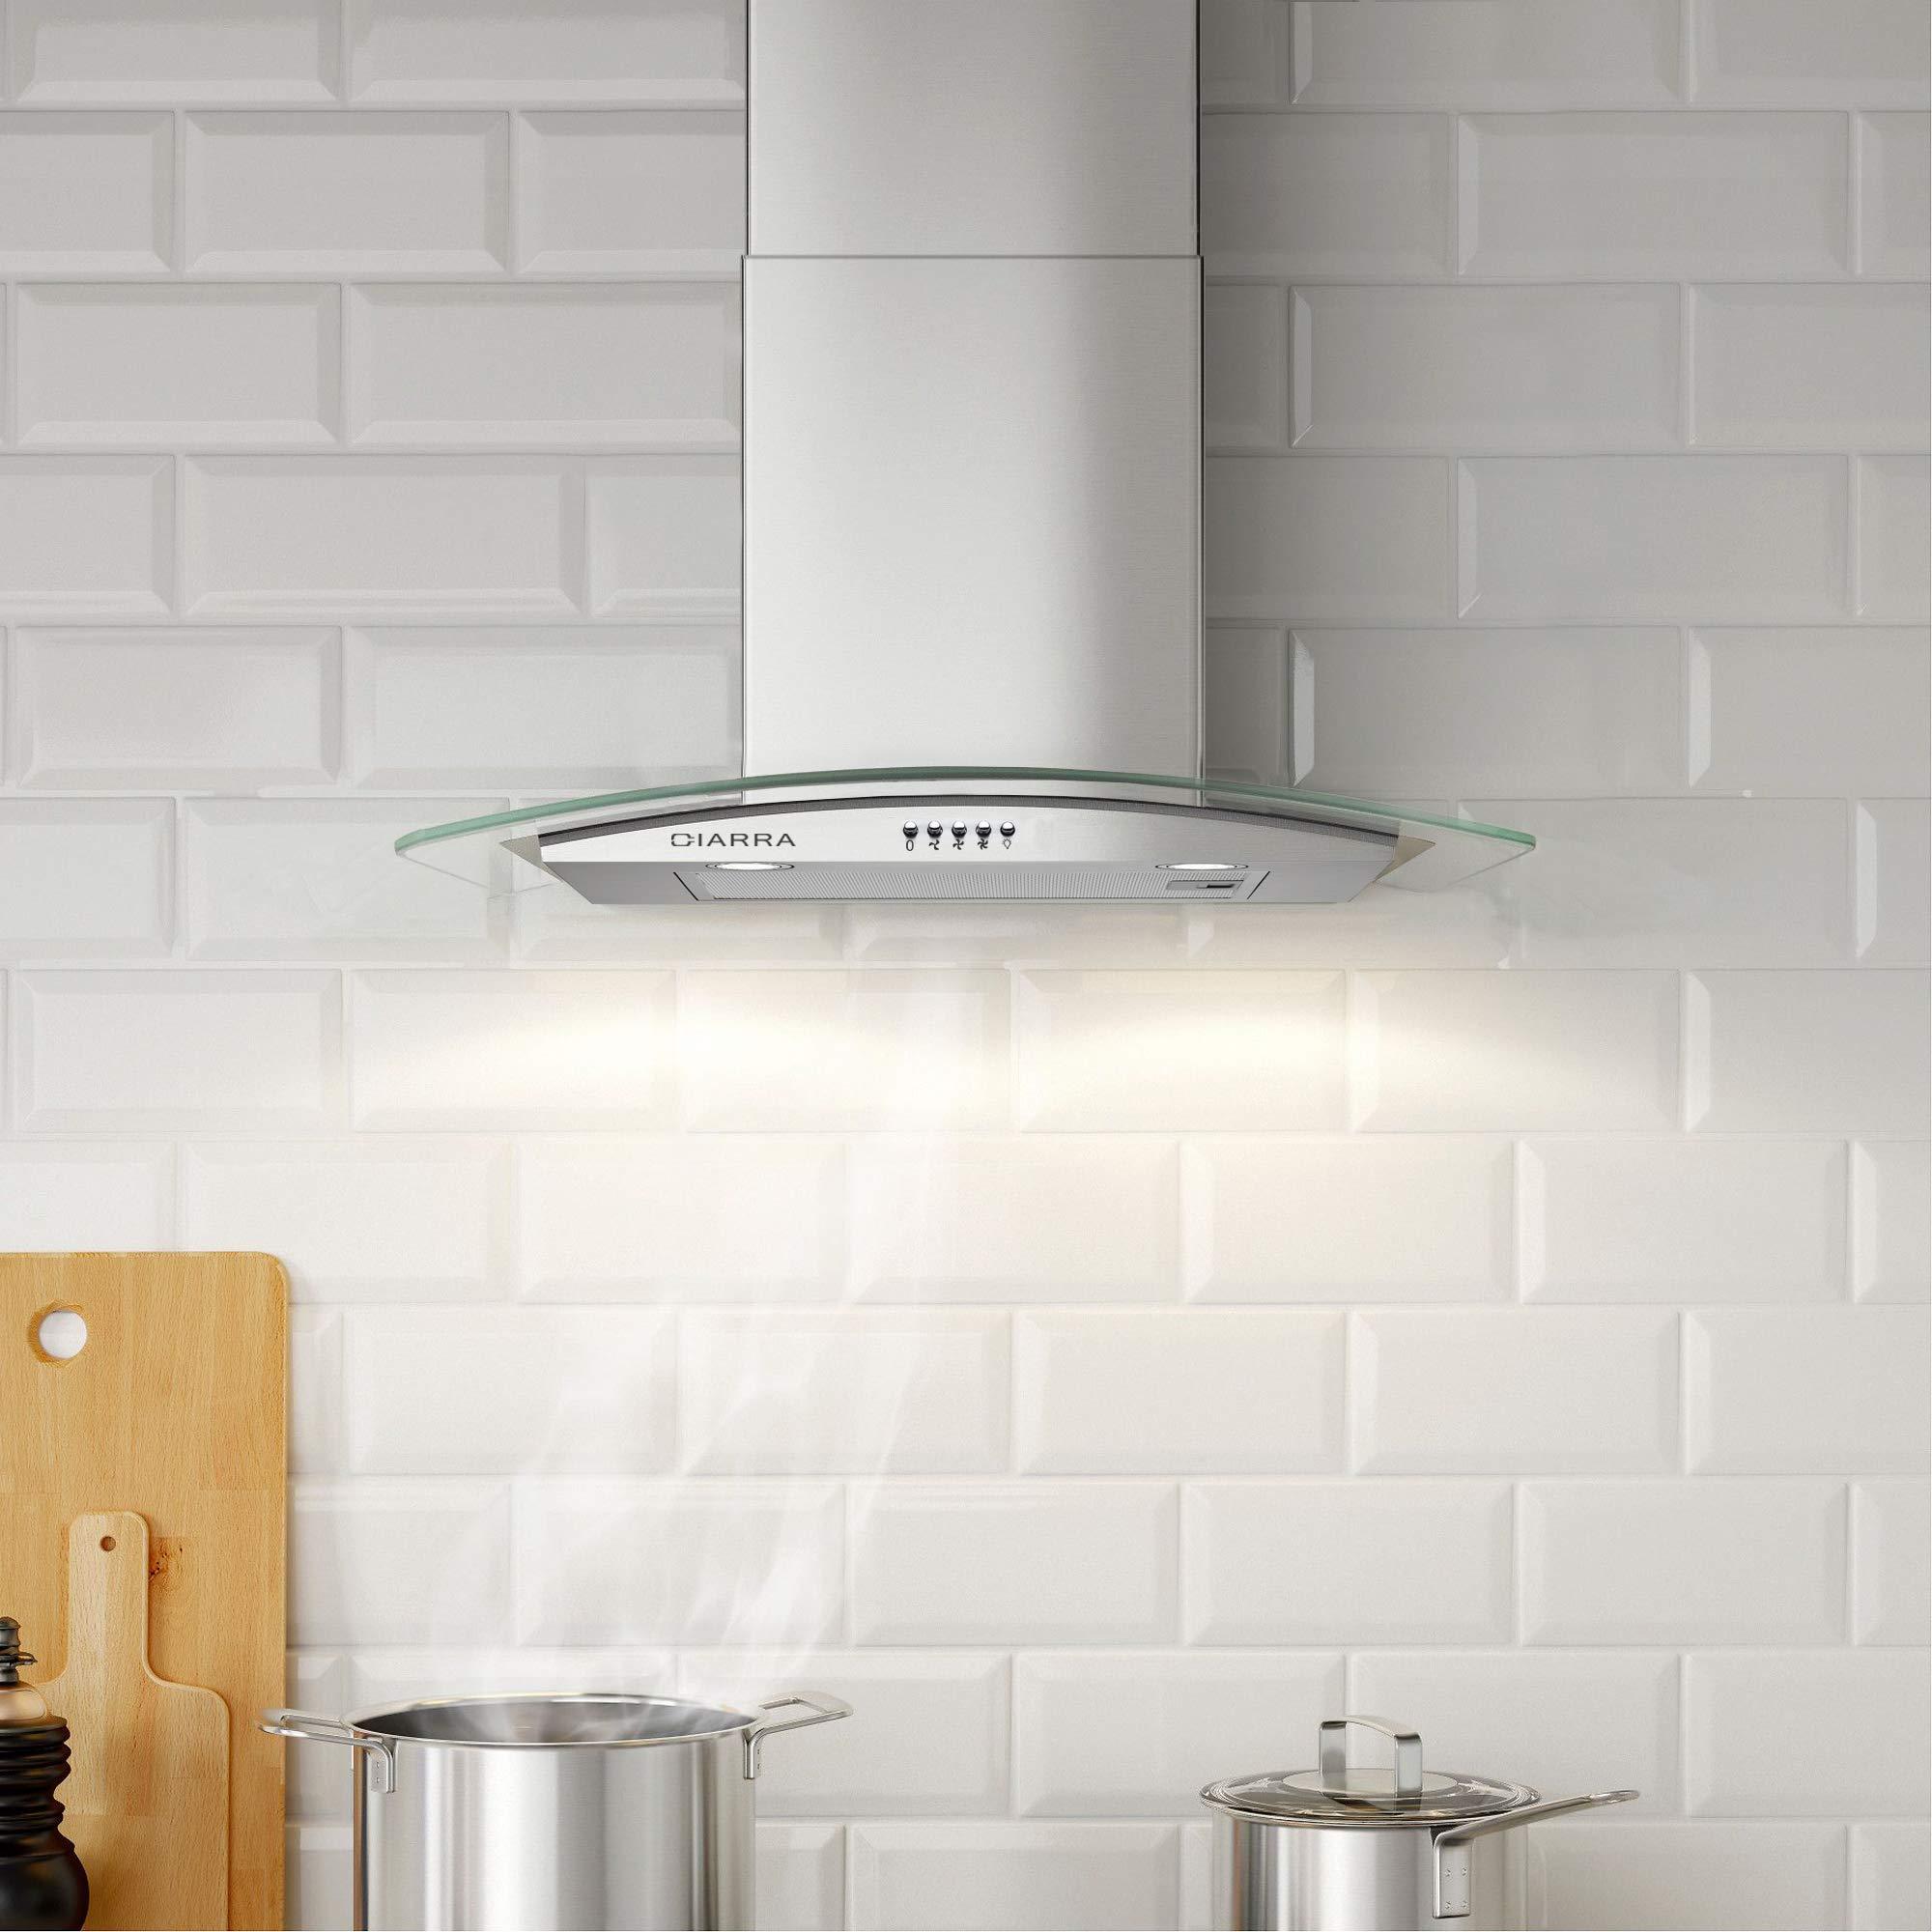 Inox550 HLed Verreamp; M³ 60cm Lampe Hotte Aspirante Ciarra CxdhosrtQB